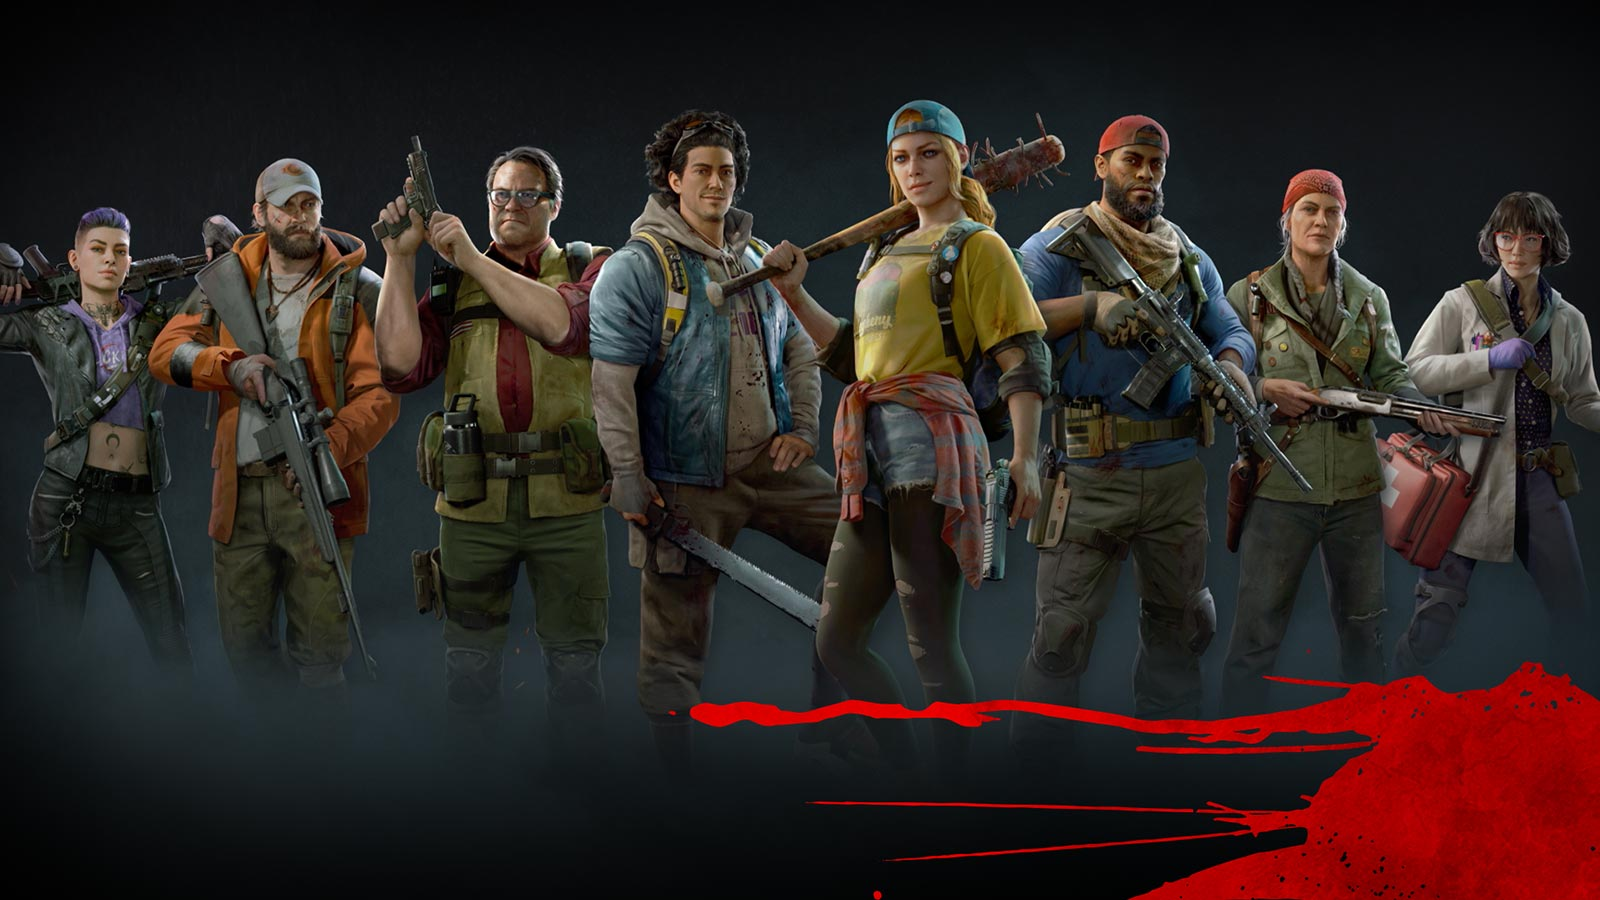 《喋血复仇》发布B测问答 更多新功能将加入游戏